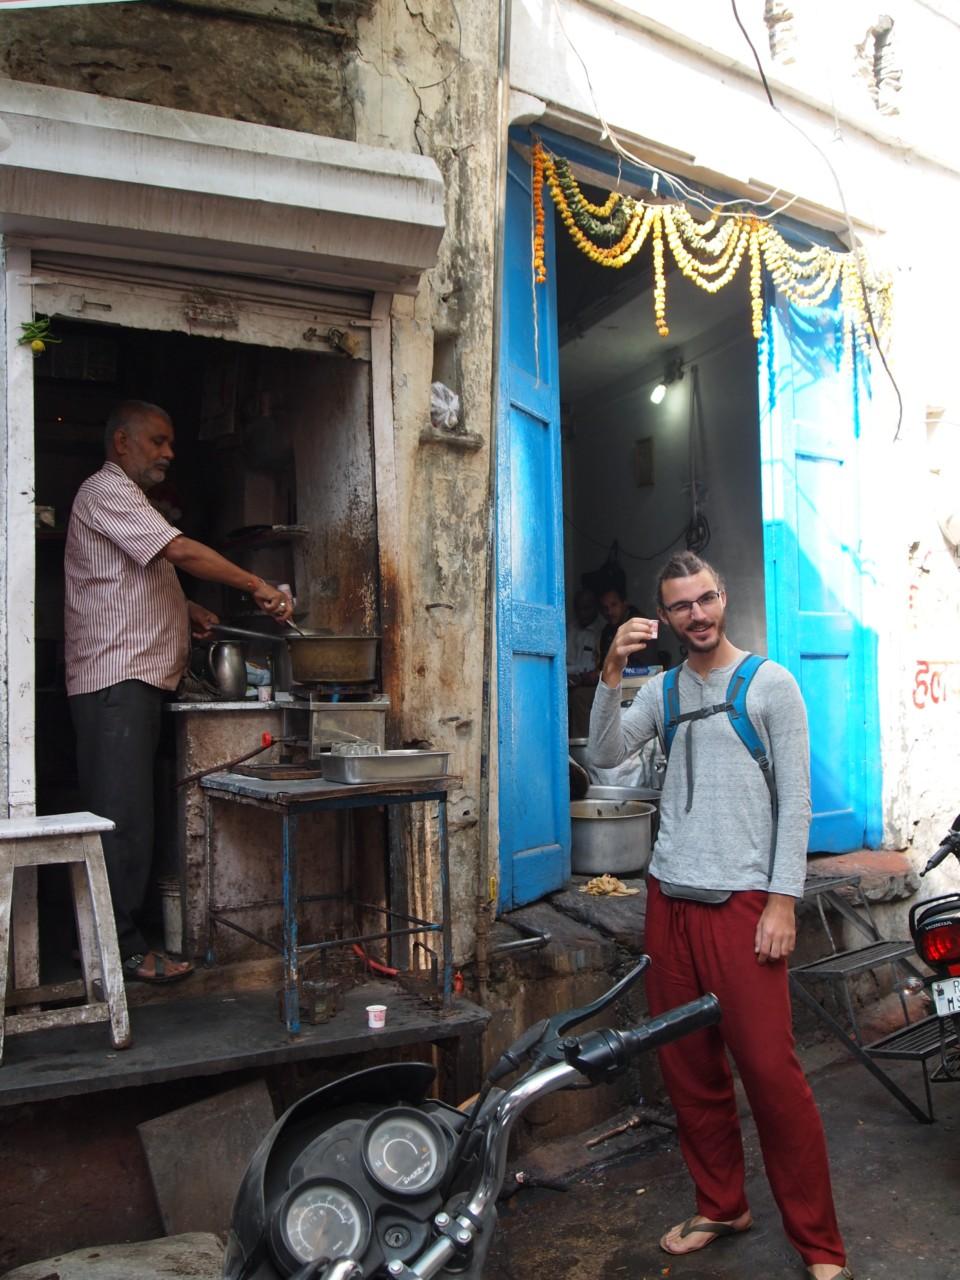 Überall gibt es in Indien kleine Stände, wo Chai-Tee für umgerechnet ca 8 Cent verkauft wird.